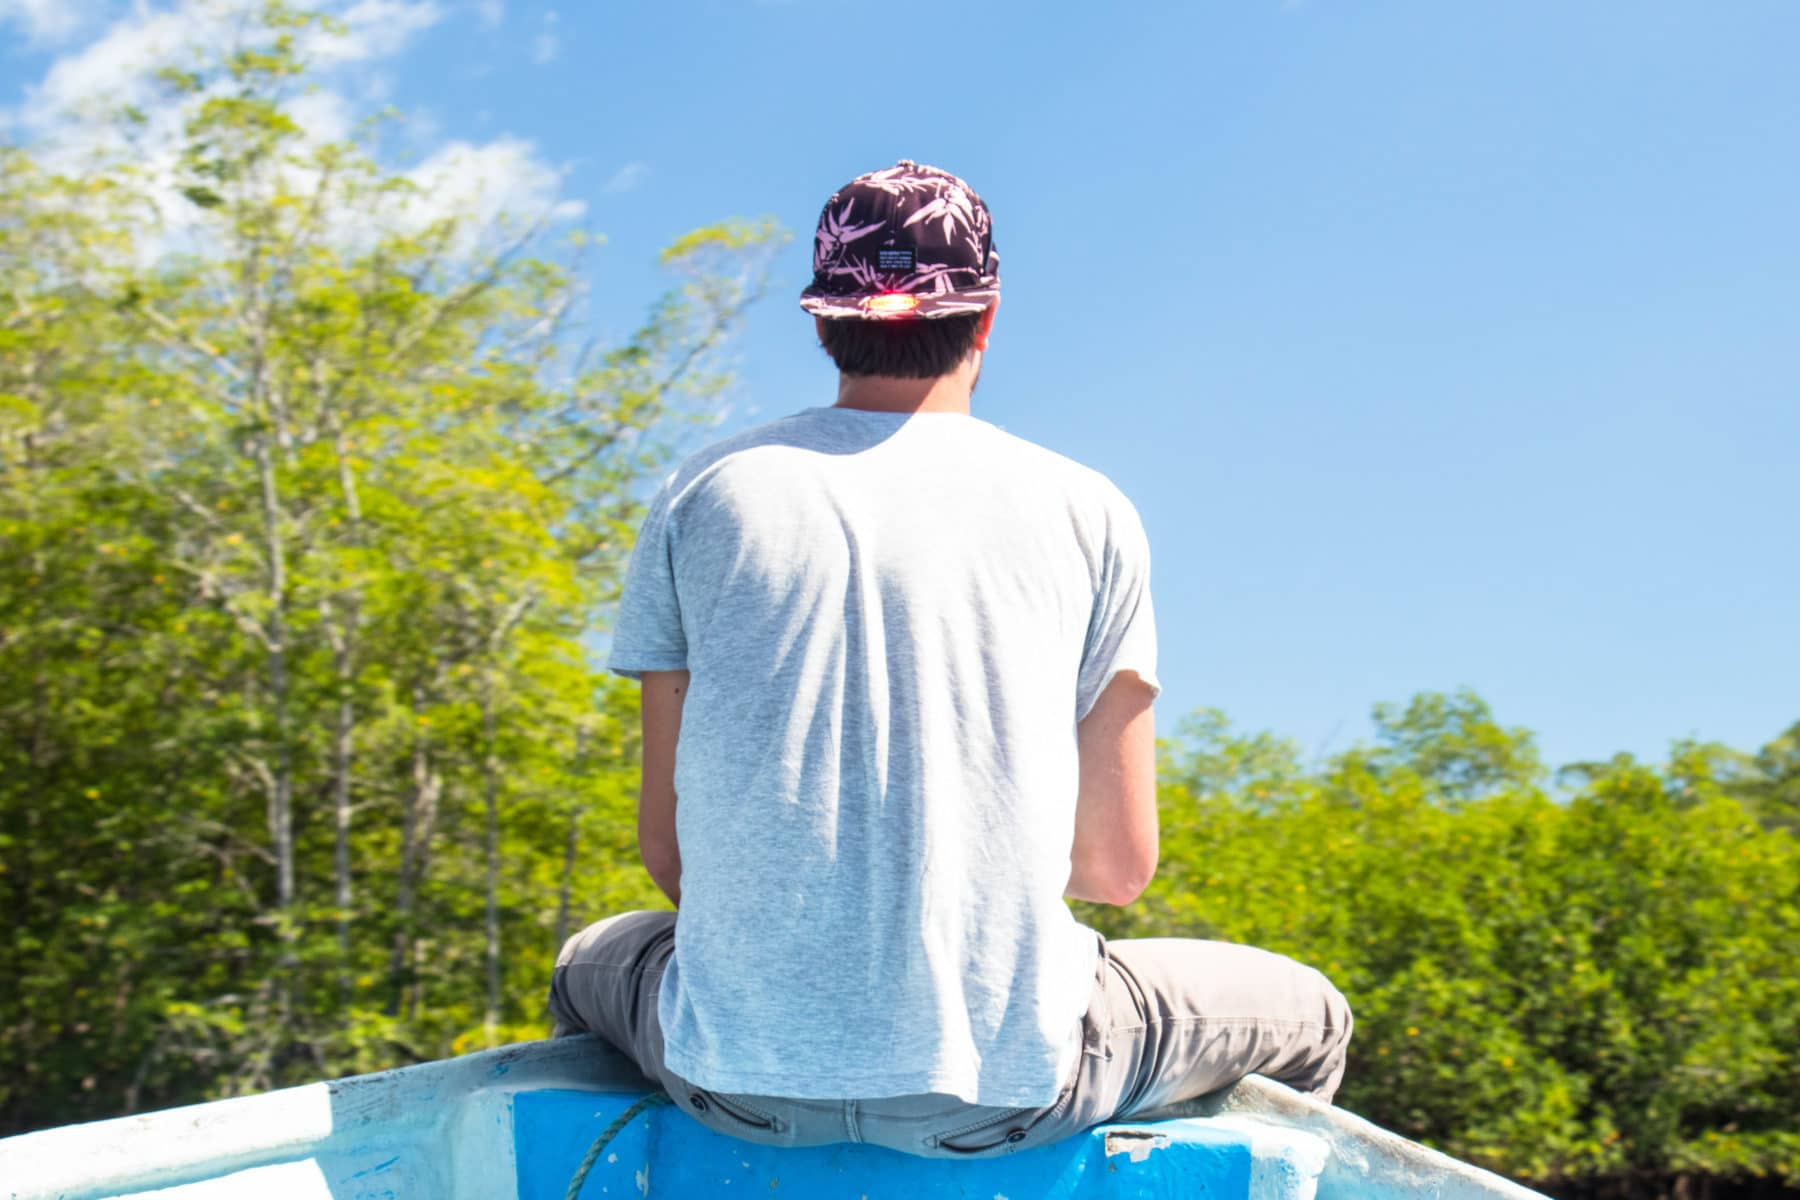 Une journée dans le golfe de Chiriqui : un paradis aux îles désertes !